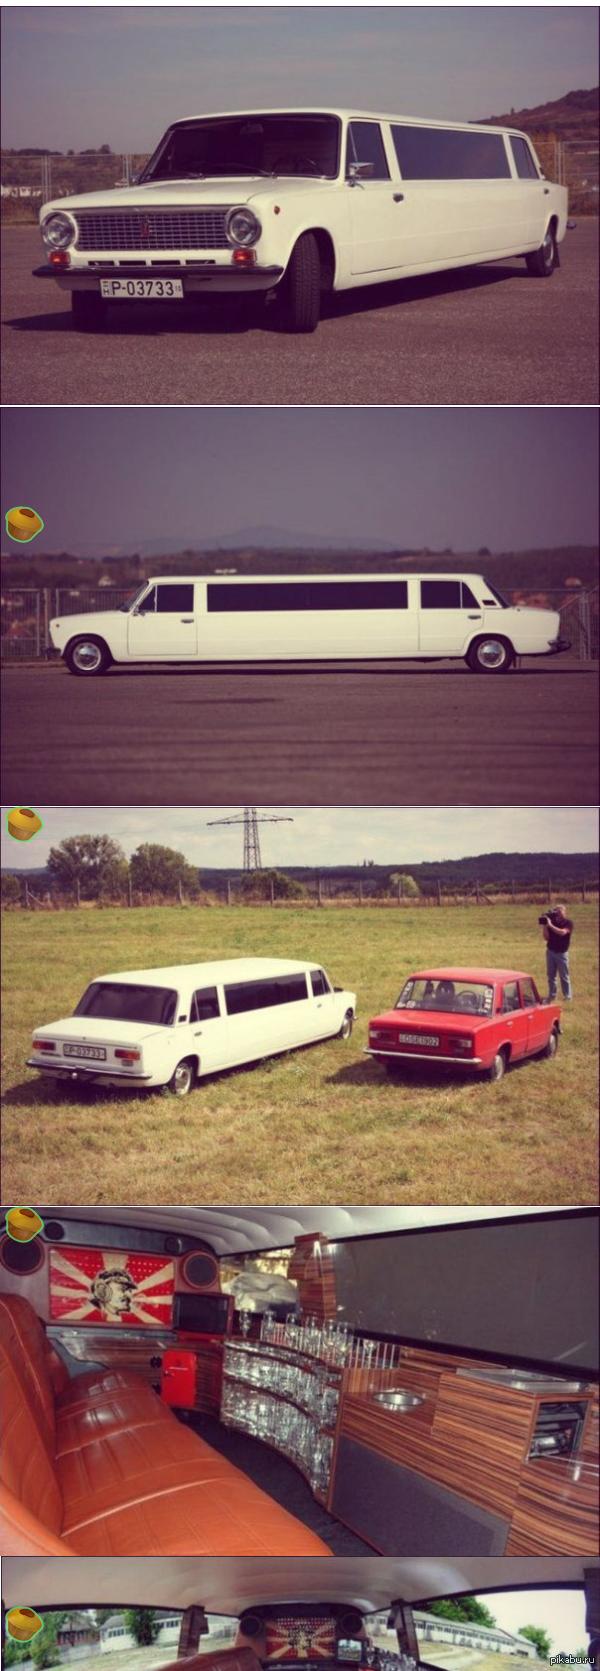 «Жигулимо» 9 мая прошлого года в Будапеште был показан лимузин на основе ВАЗ 2101 дизайнера Аттила Хорвата. Этот проект носит оригинальное название «Жигулимо».